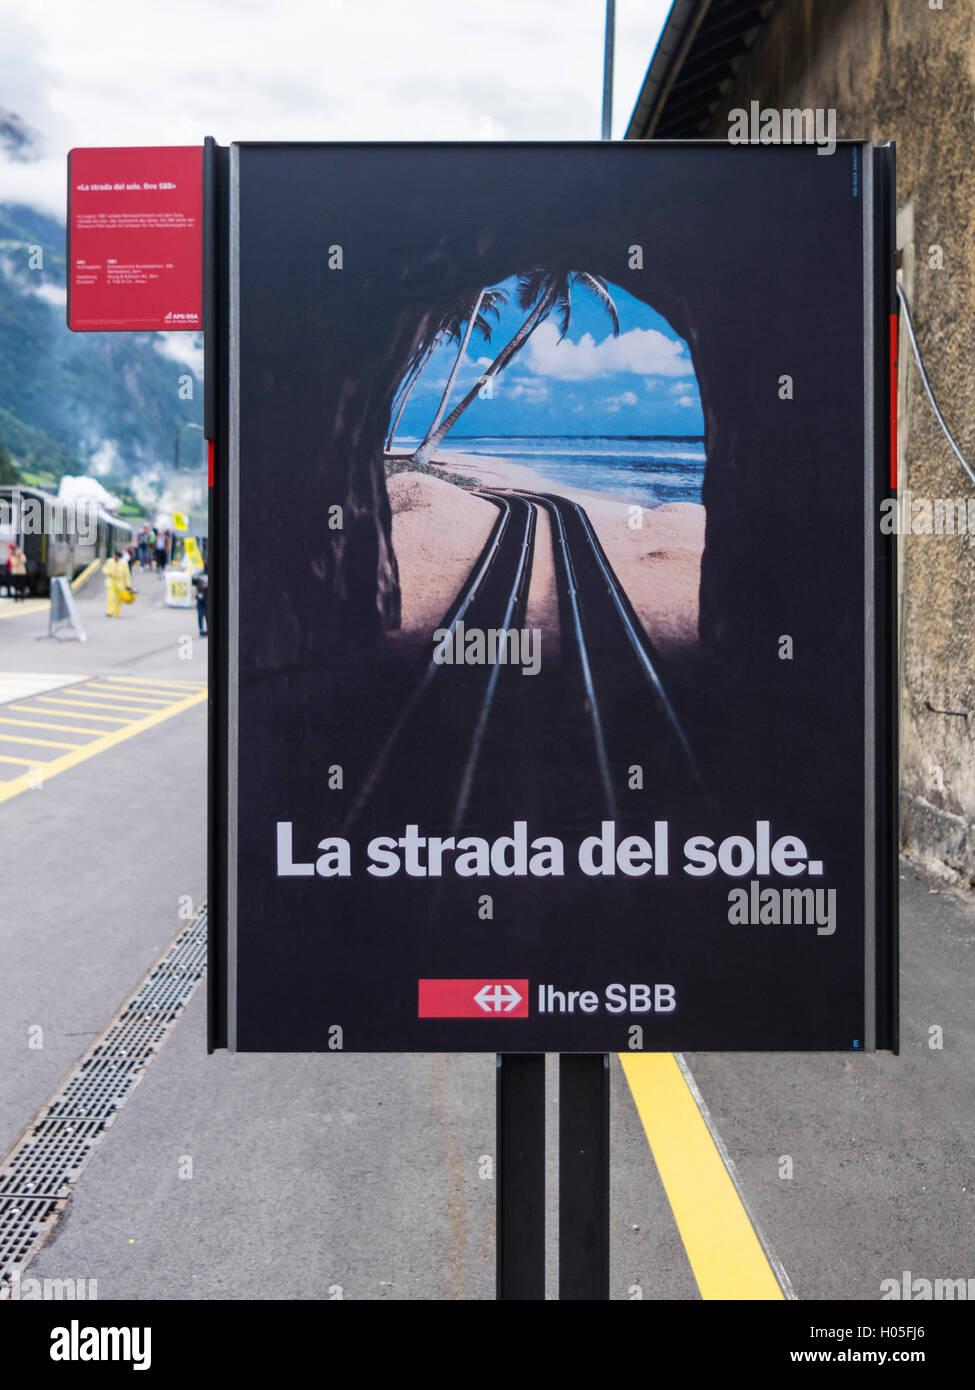 Jahrgang 1981 Werbung des SBB-CFF-FFS, SBB, Förderung des Gotthard-Tunnels. Stockfoto